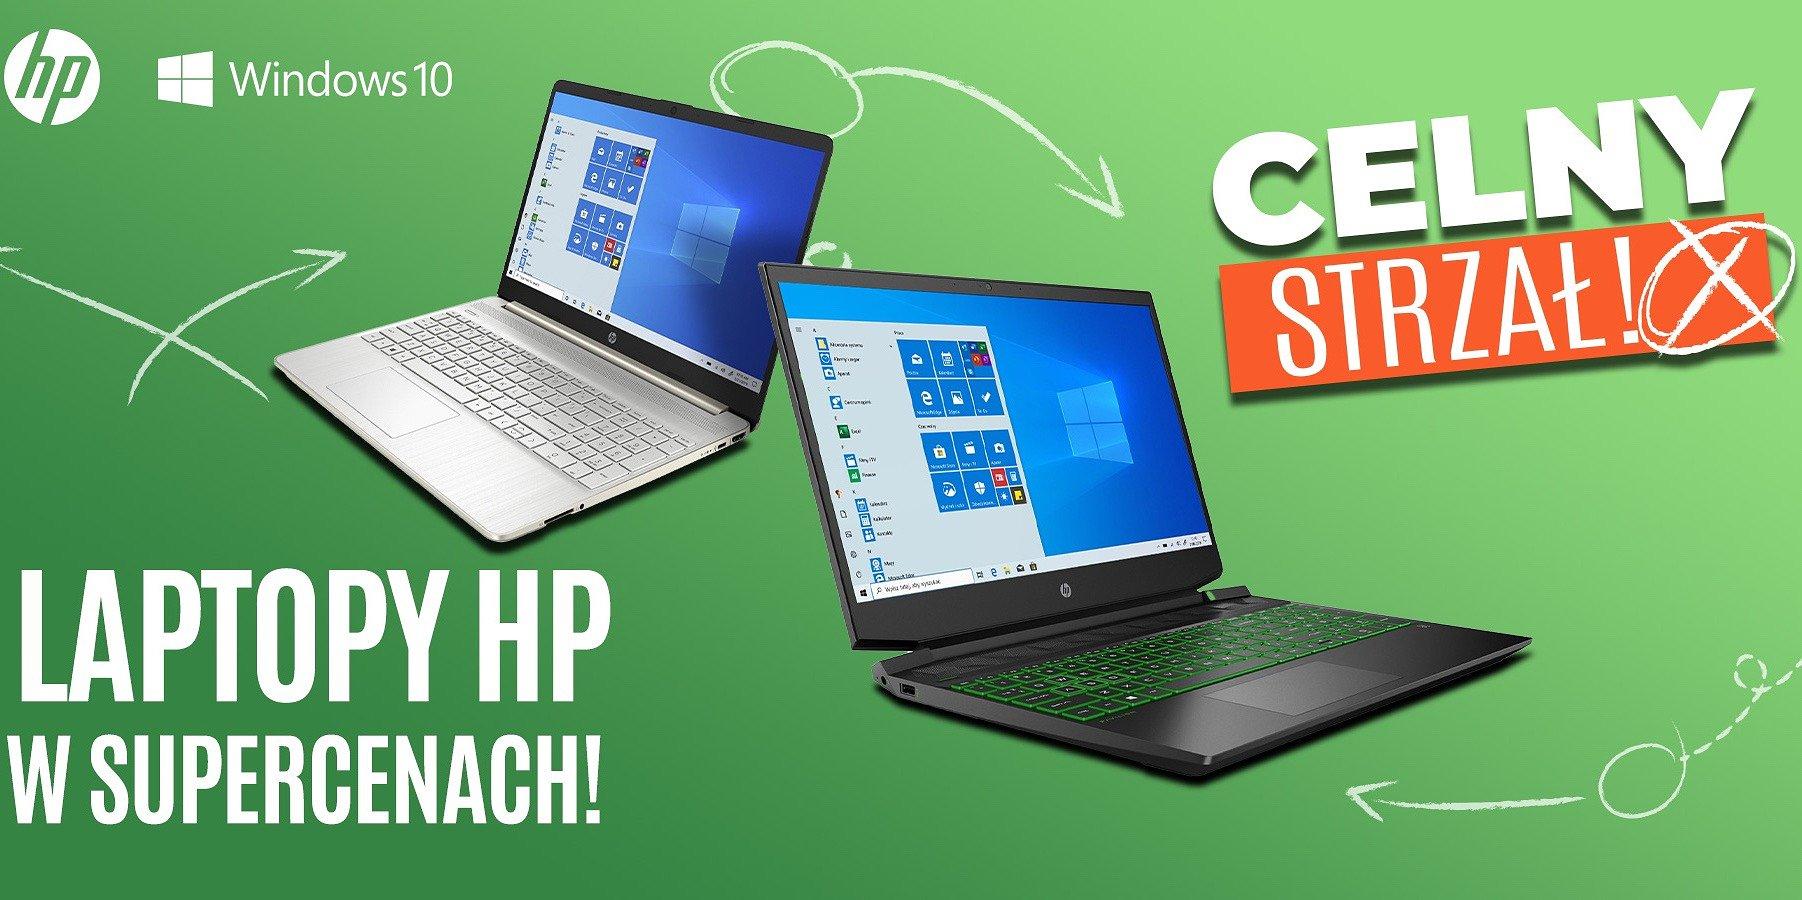 Miesiąc laptopów HP w Komputronik. Wydajne komputery nawet 650 zł taniej!